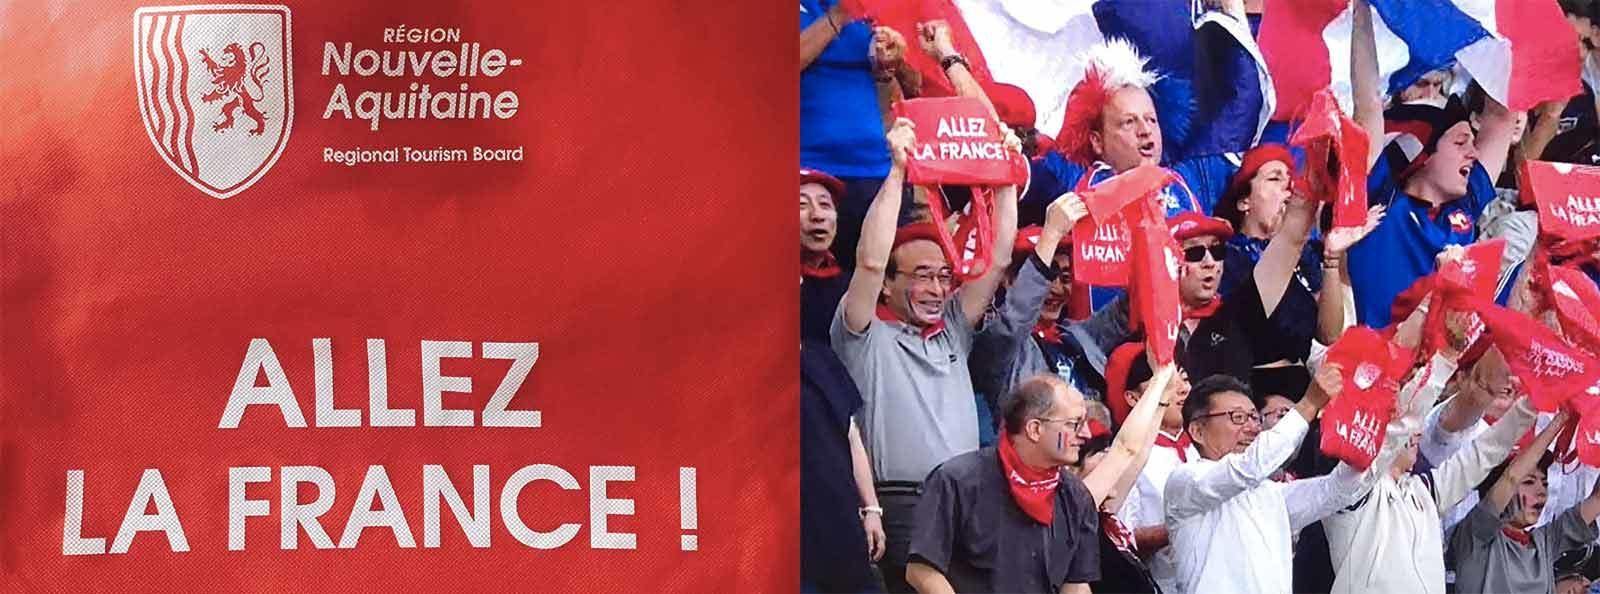 2019ラクビーW杯 フランスvsアルゼンチン戦